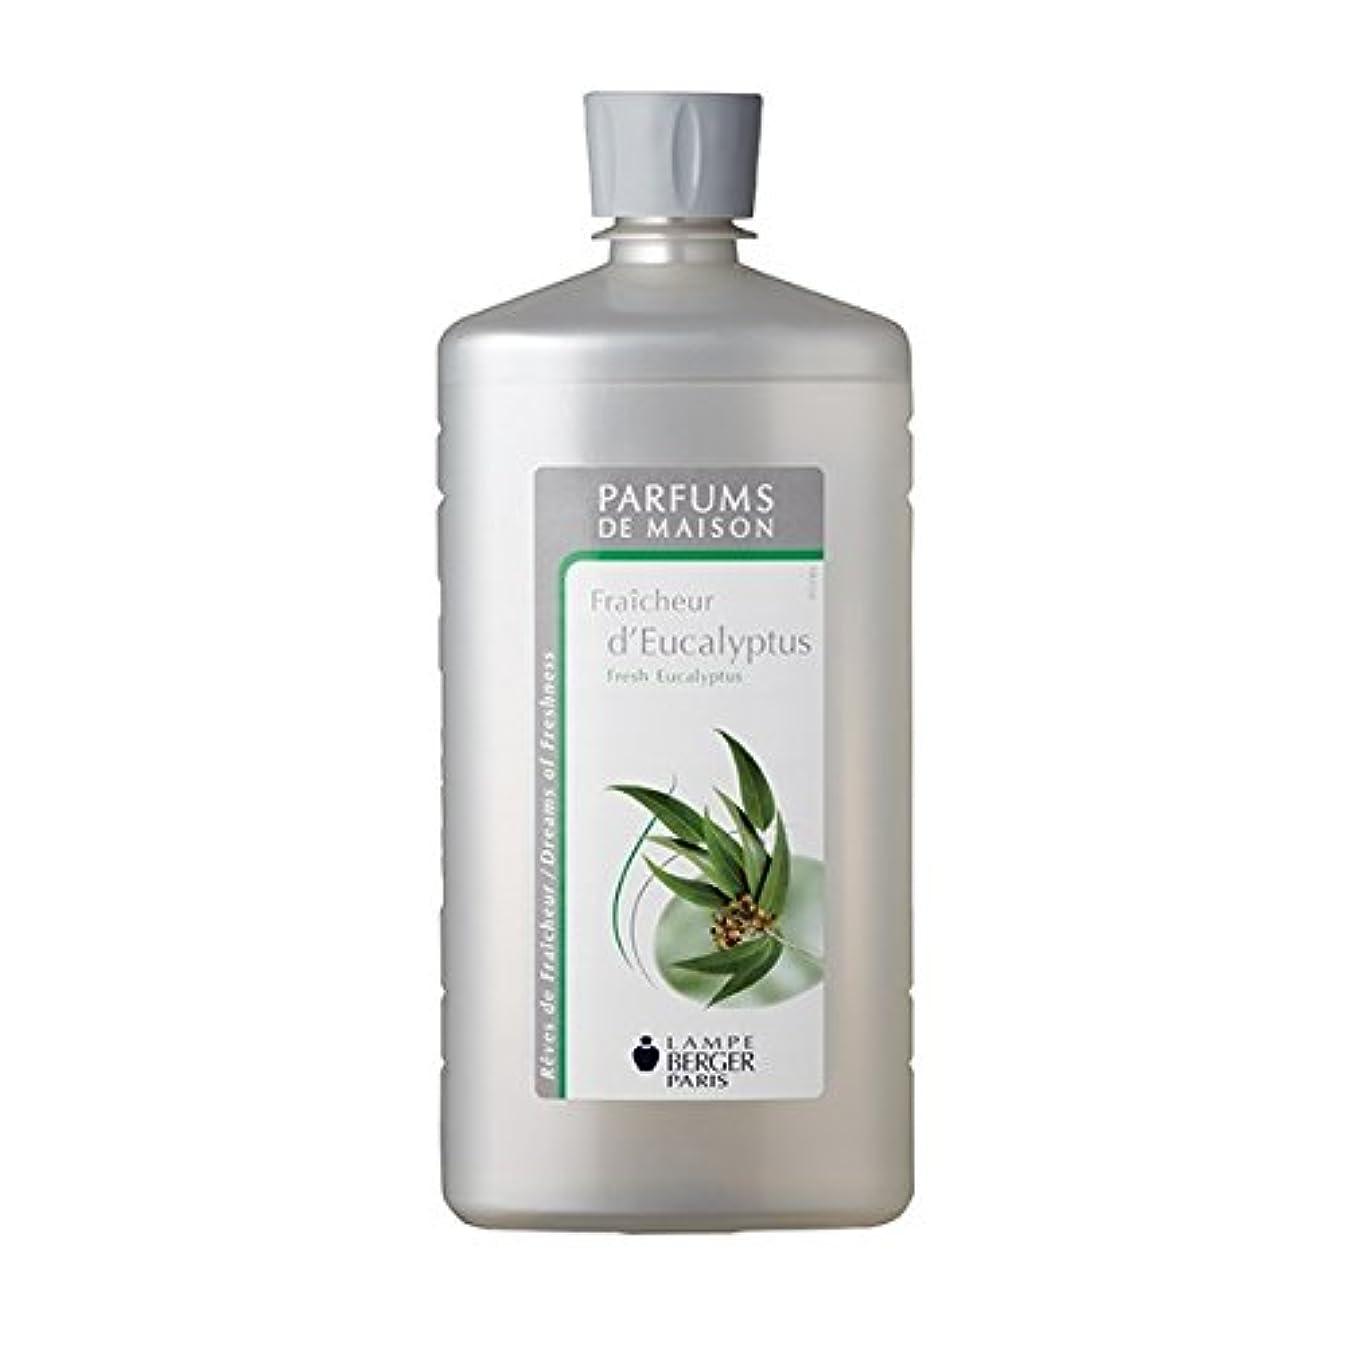 取り壊すみがきます反乱ランプベルジェオイル(ユーカリ)Fraîcheur d'Eucalyptus Fresh Eucalyptus